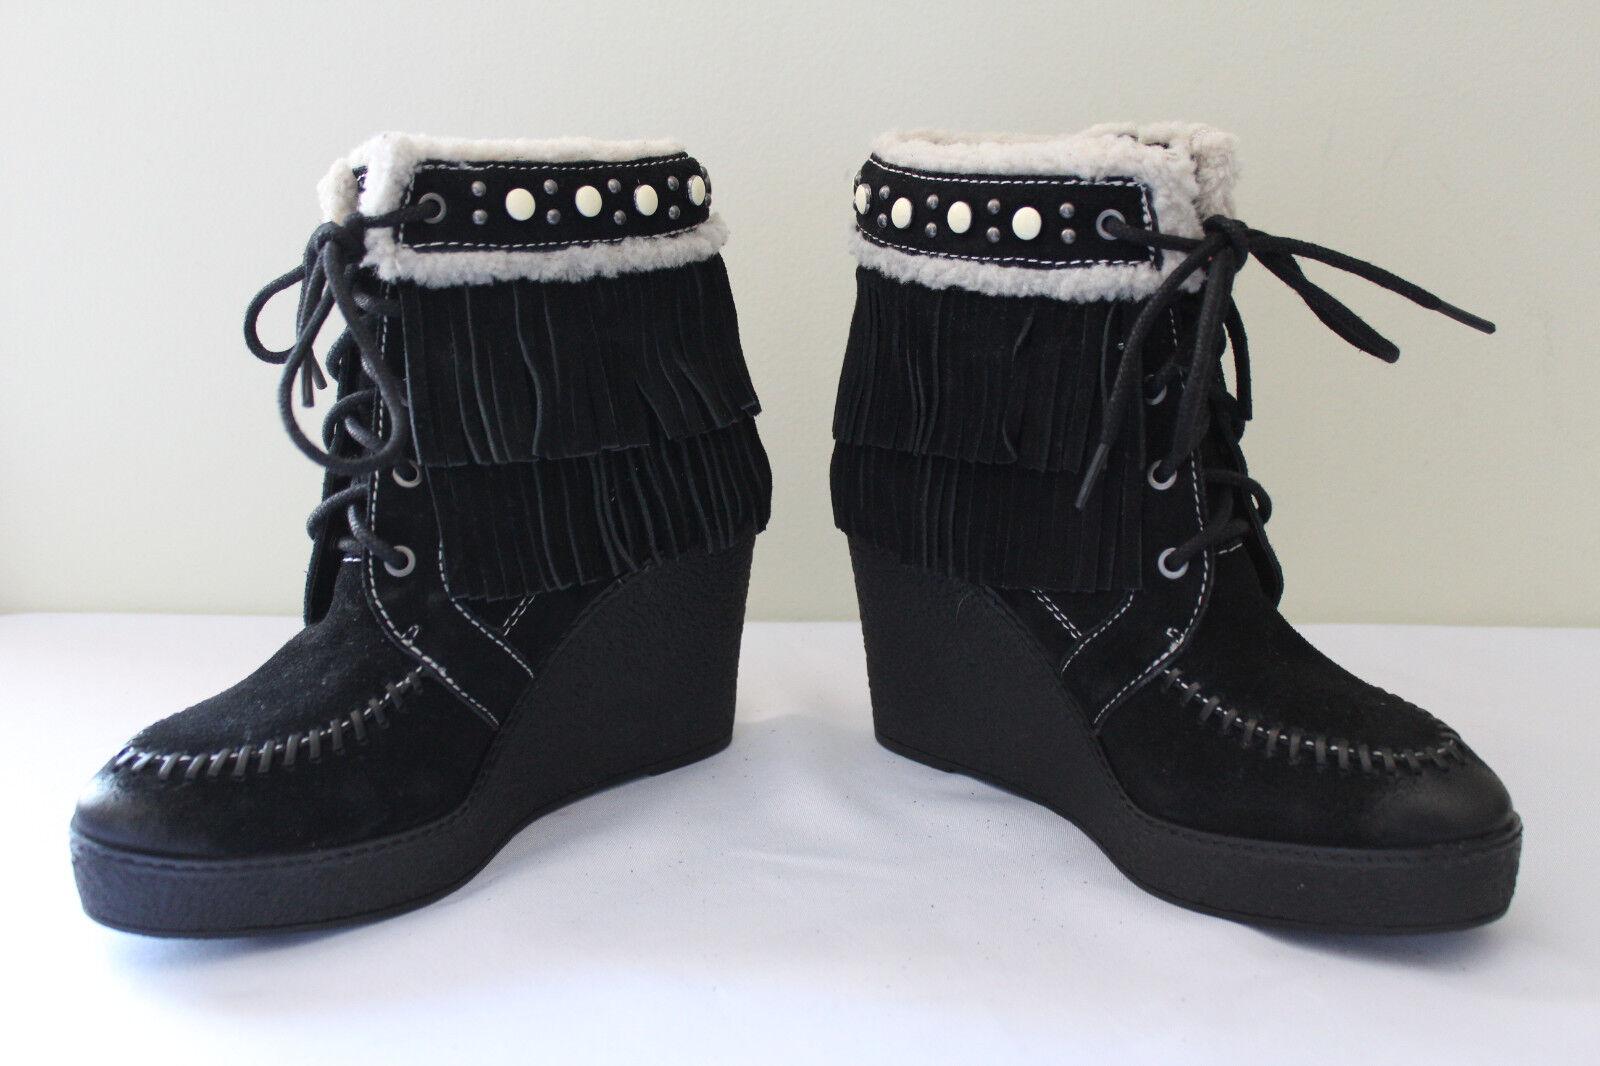 NEW! Sam Edelman Black Suede Leather Fringe Studded Kemper Boots 8.5 M 150